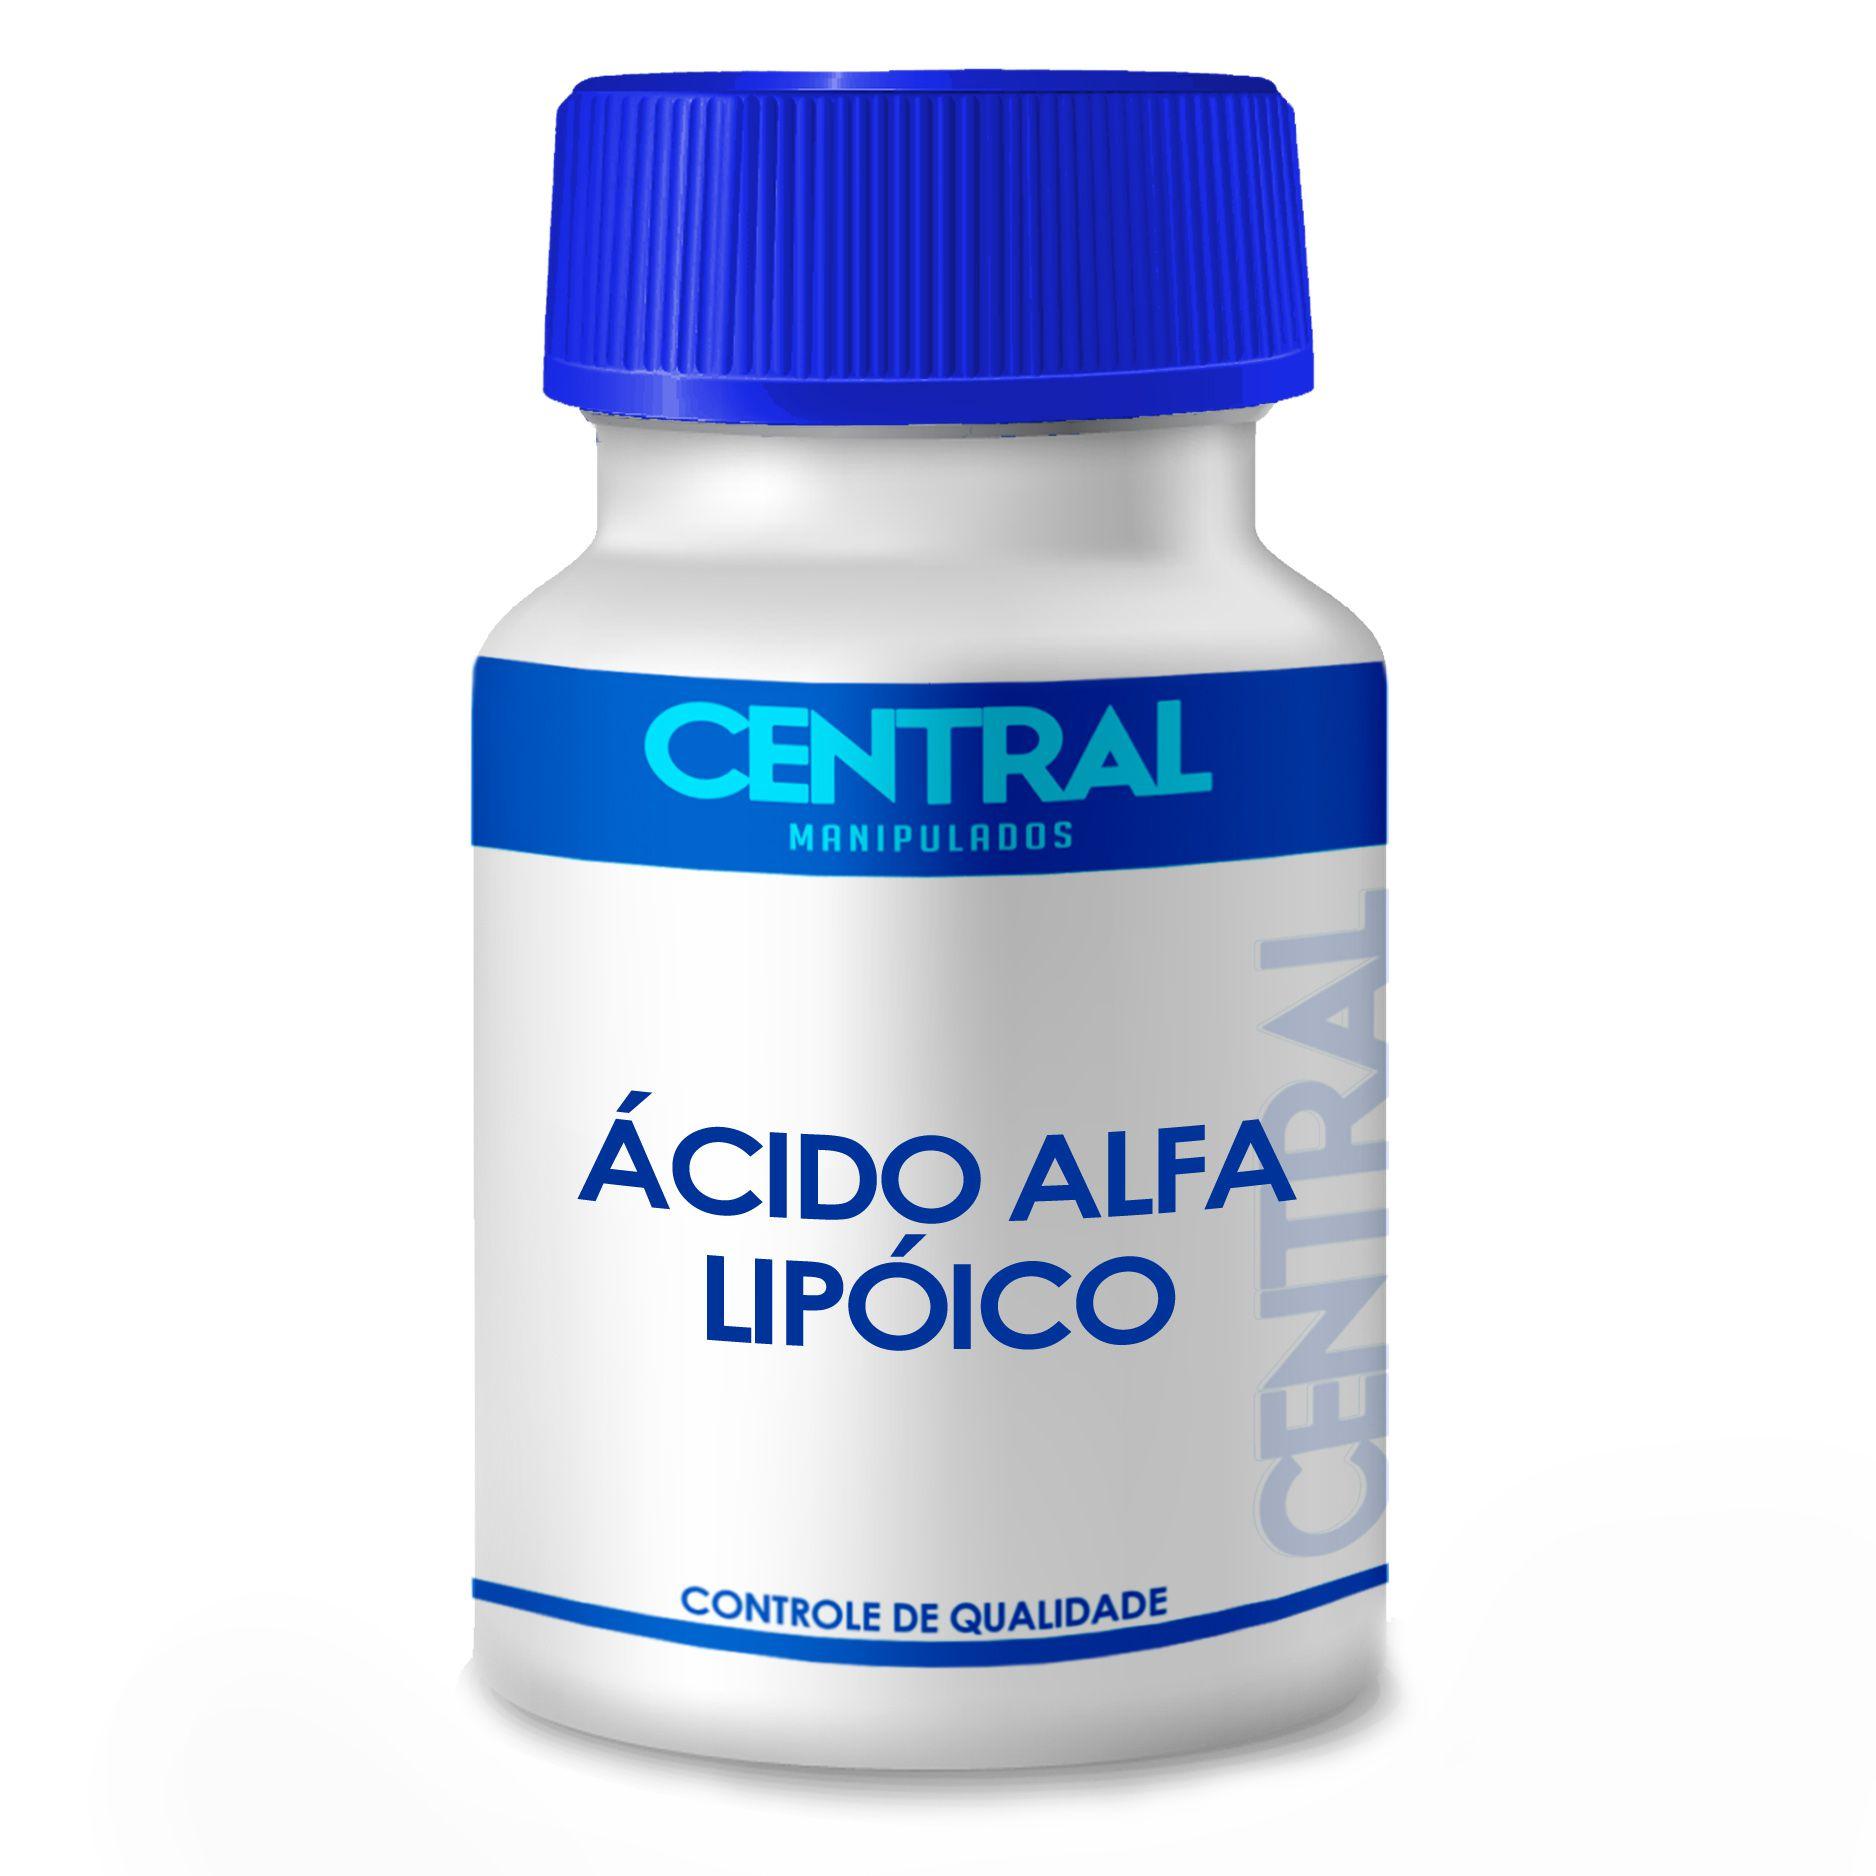 Ácido Alfa Lipóico - poderoso antioxidante - 300mg 60 cápsulas